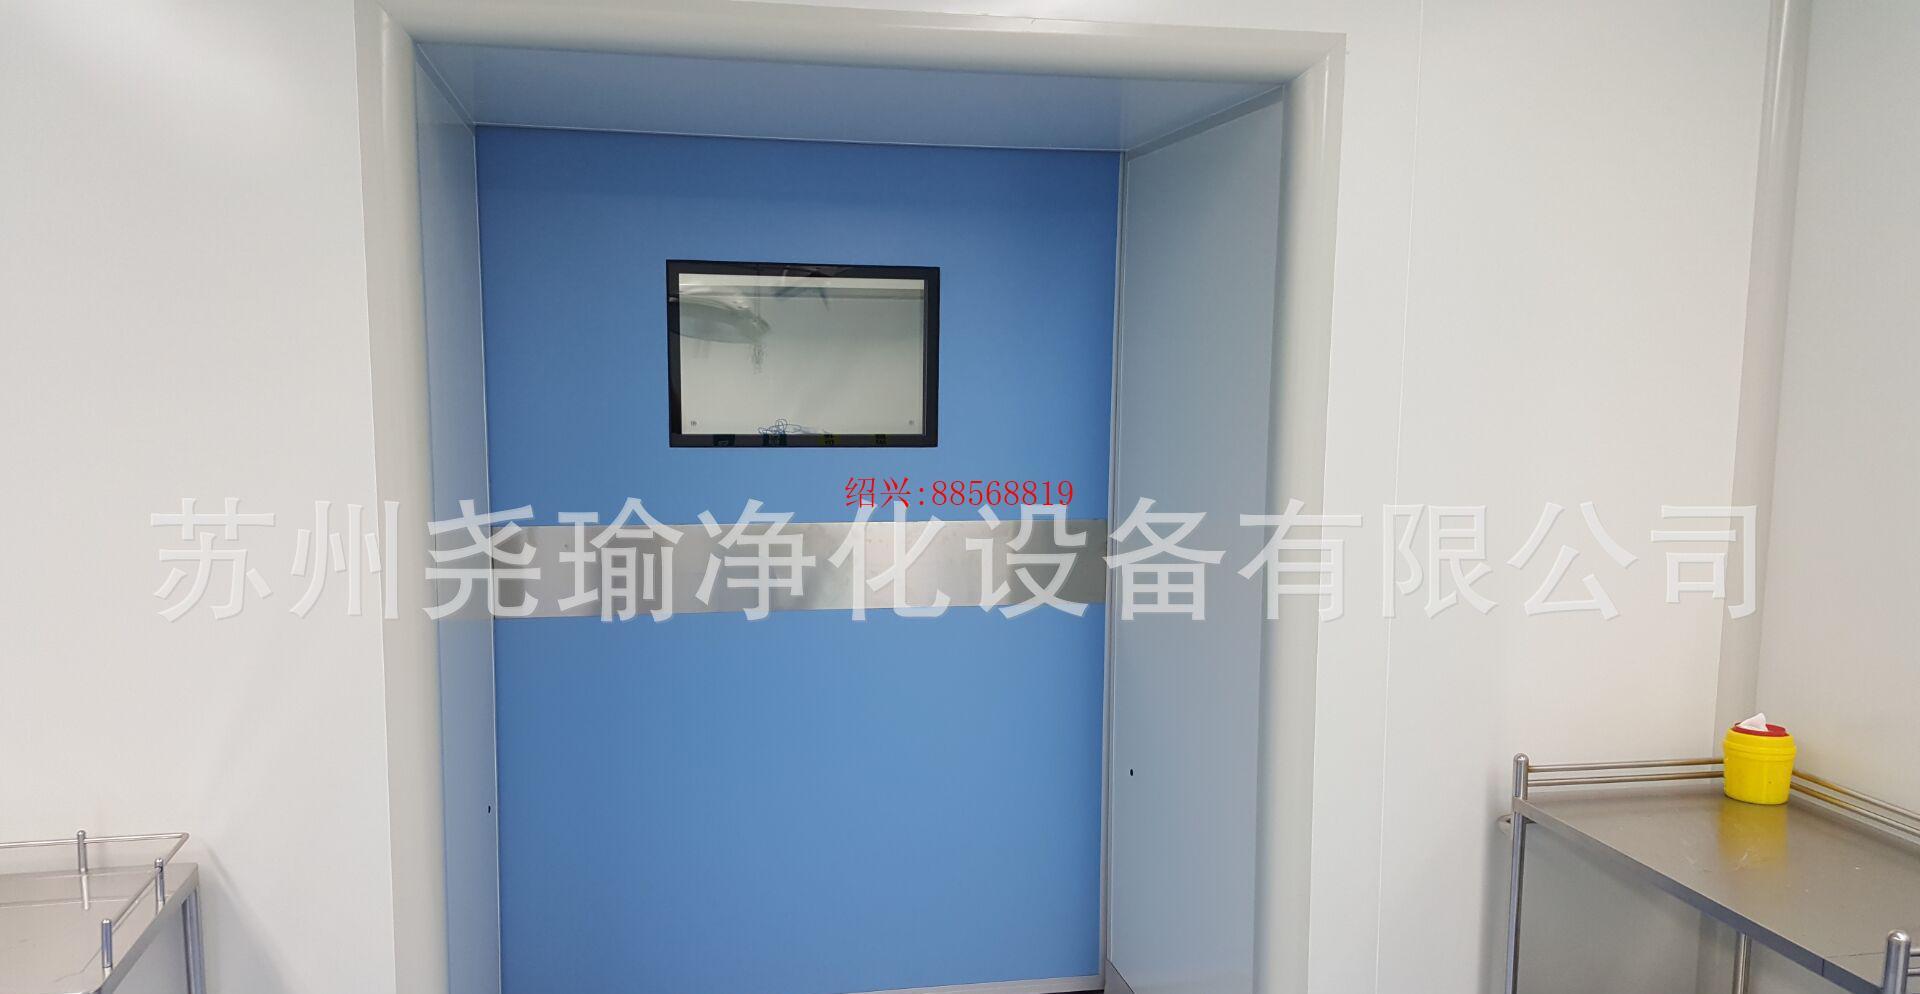 绍兴会稽郡手术室移门 自动平移门 自动门 电动门 感应移门批发